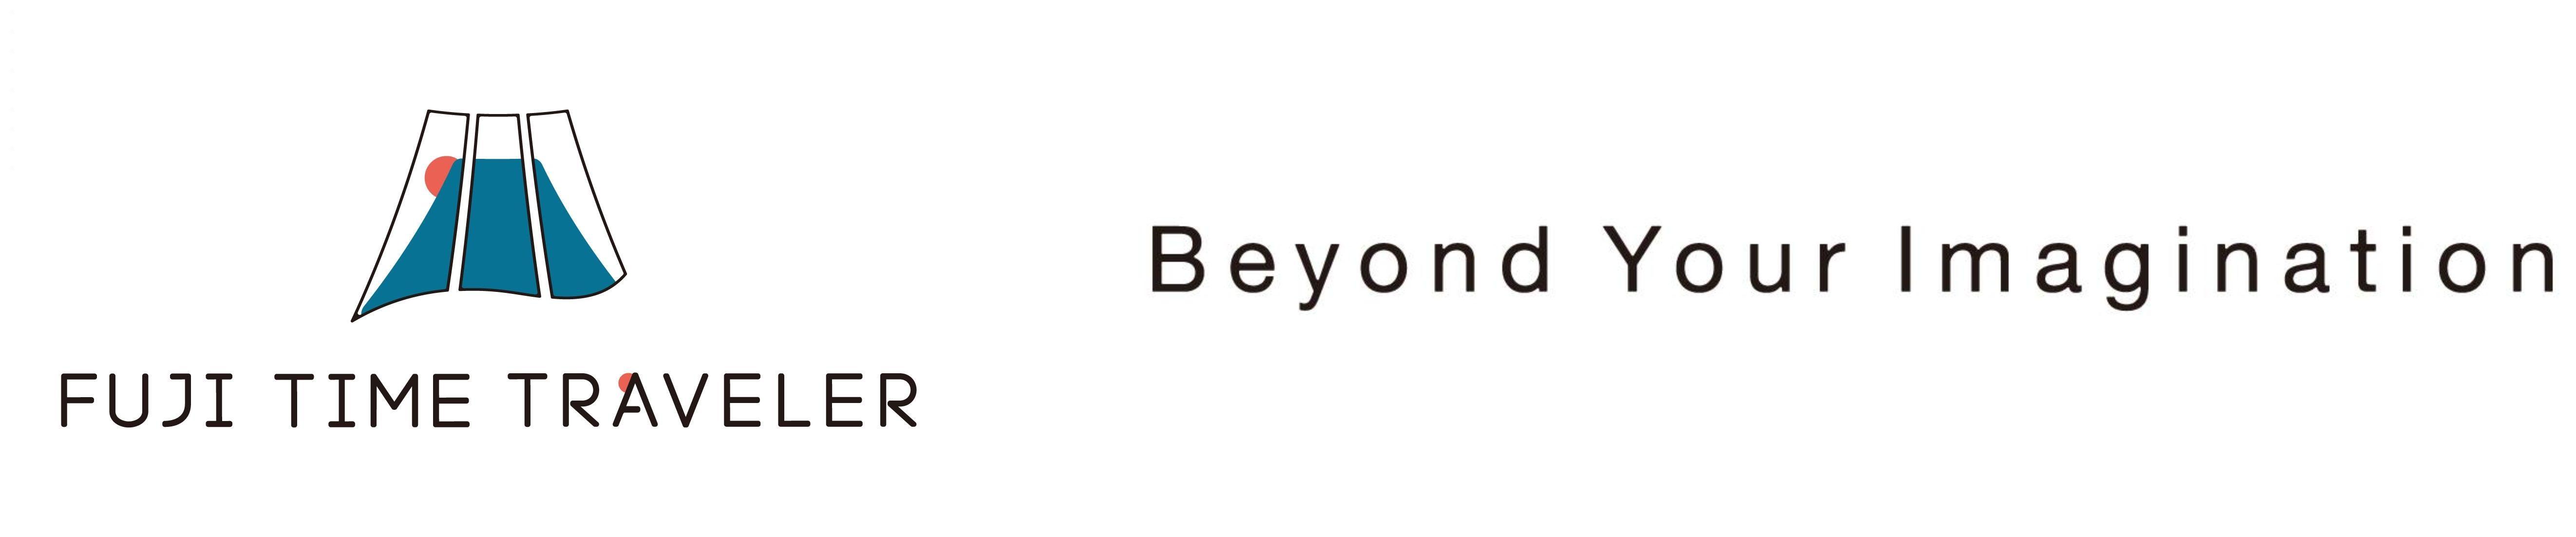 【公式】富士タイムトラベラー(FUJI TIME TRAVELER)河口湖・富士山・富士急ハイランド至近の貸切別荘・リノベーション古民家とデザイナーズ新築